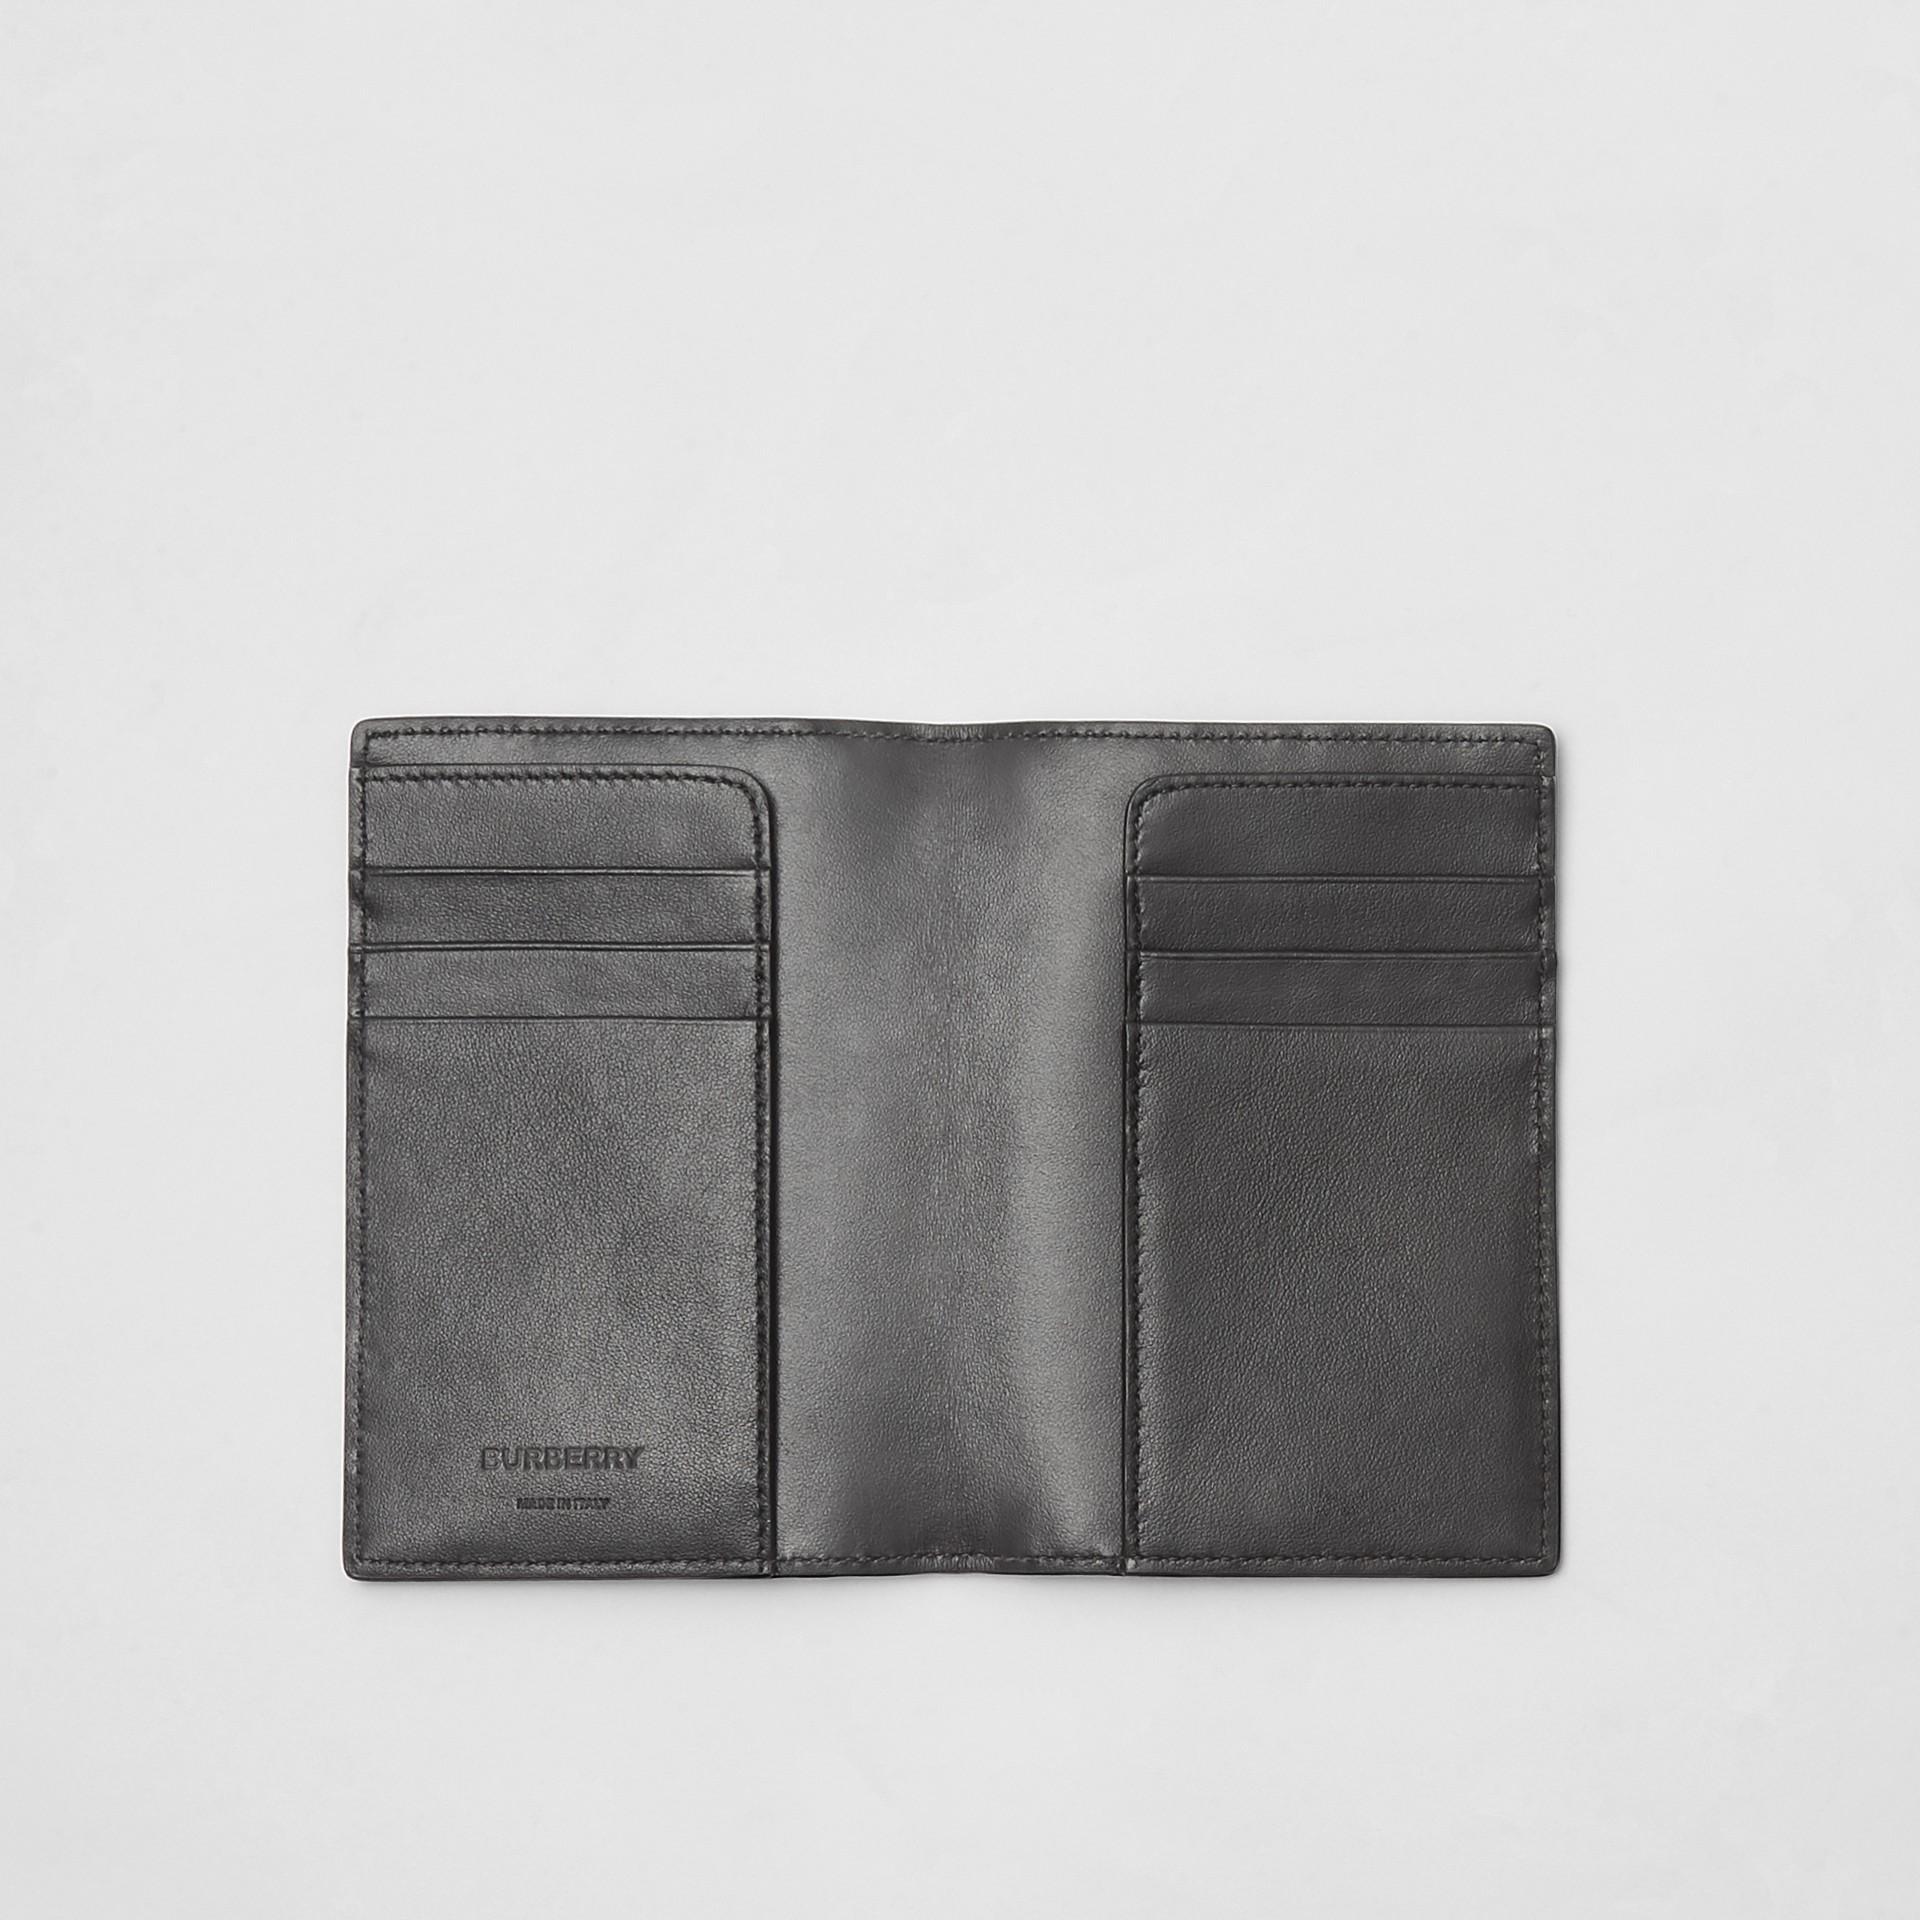 モノグラムレザー パスポートホルダー (ブラック) - メンズ | バーバリー - ギャラリーイメージ 2